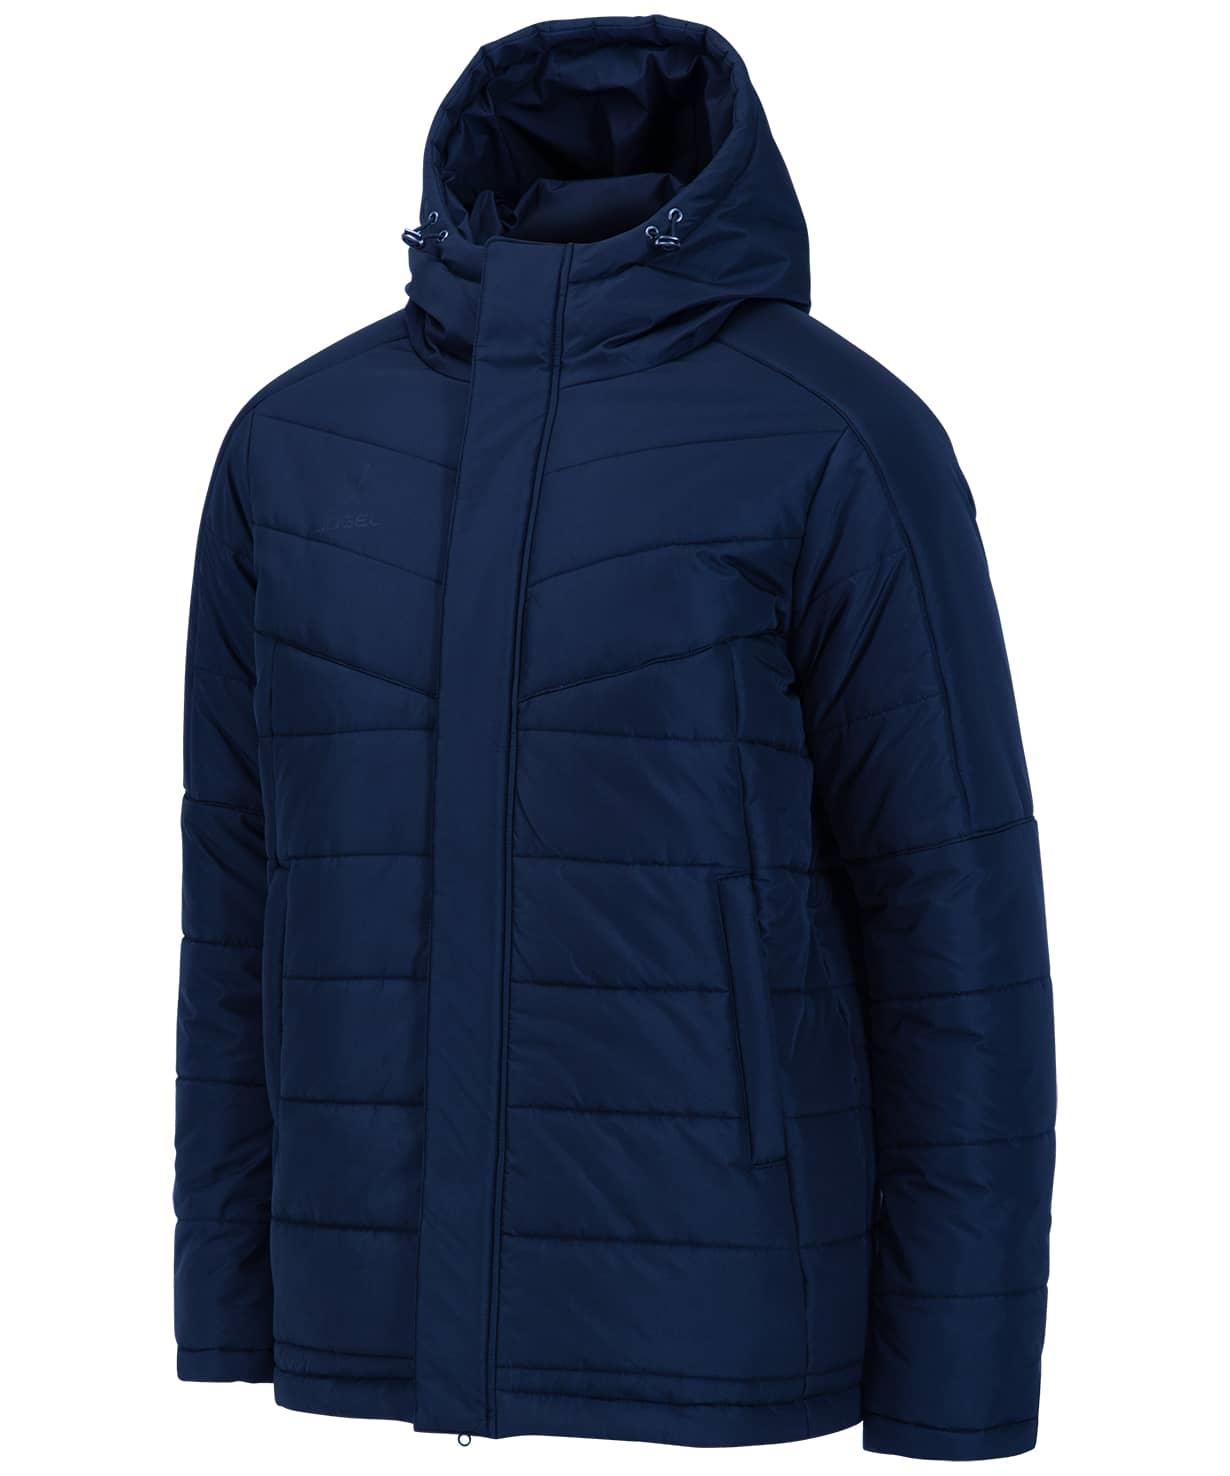 Куртка утепленная CAMP Padded Jacket, темно-синий